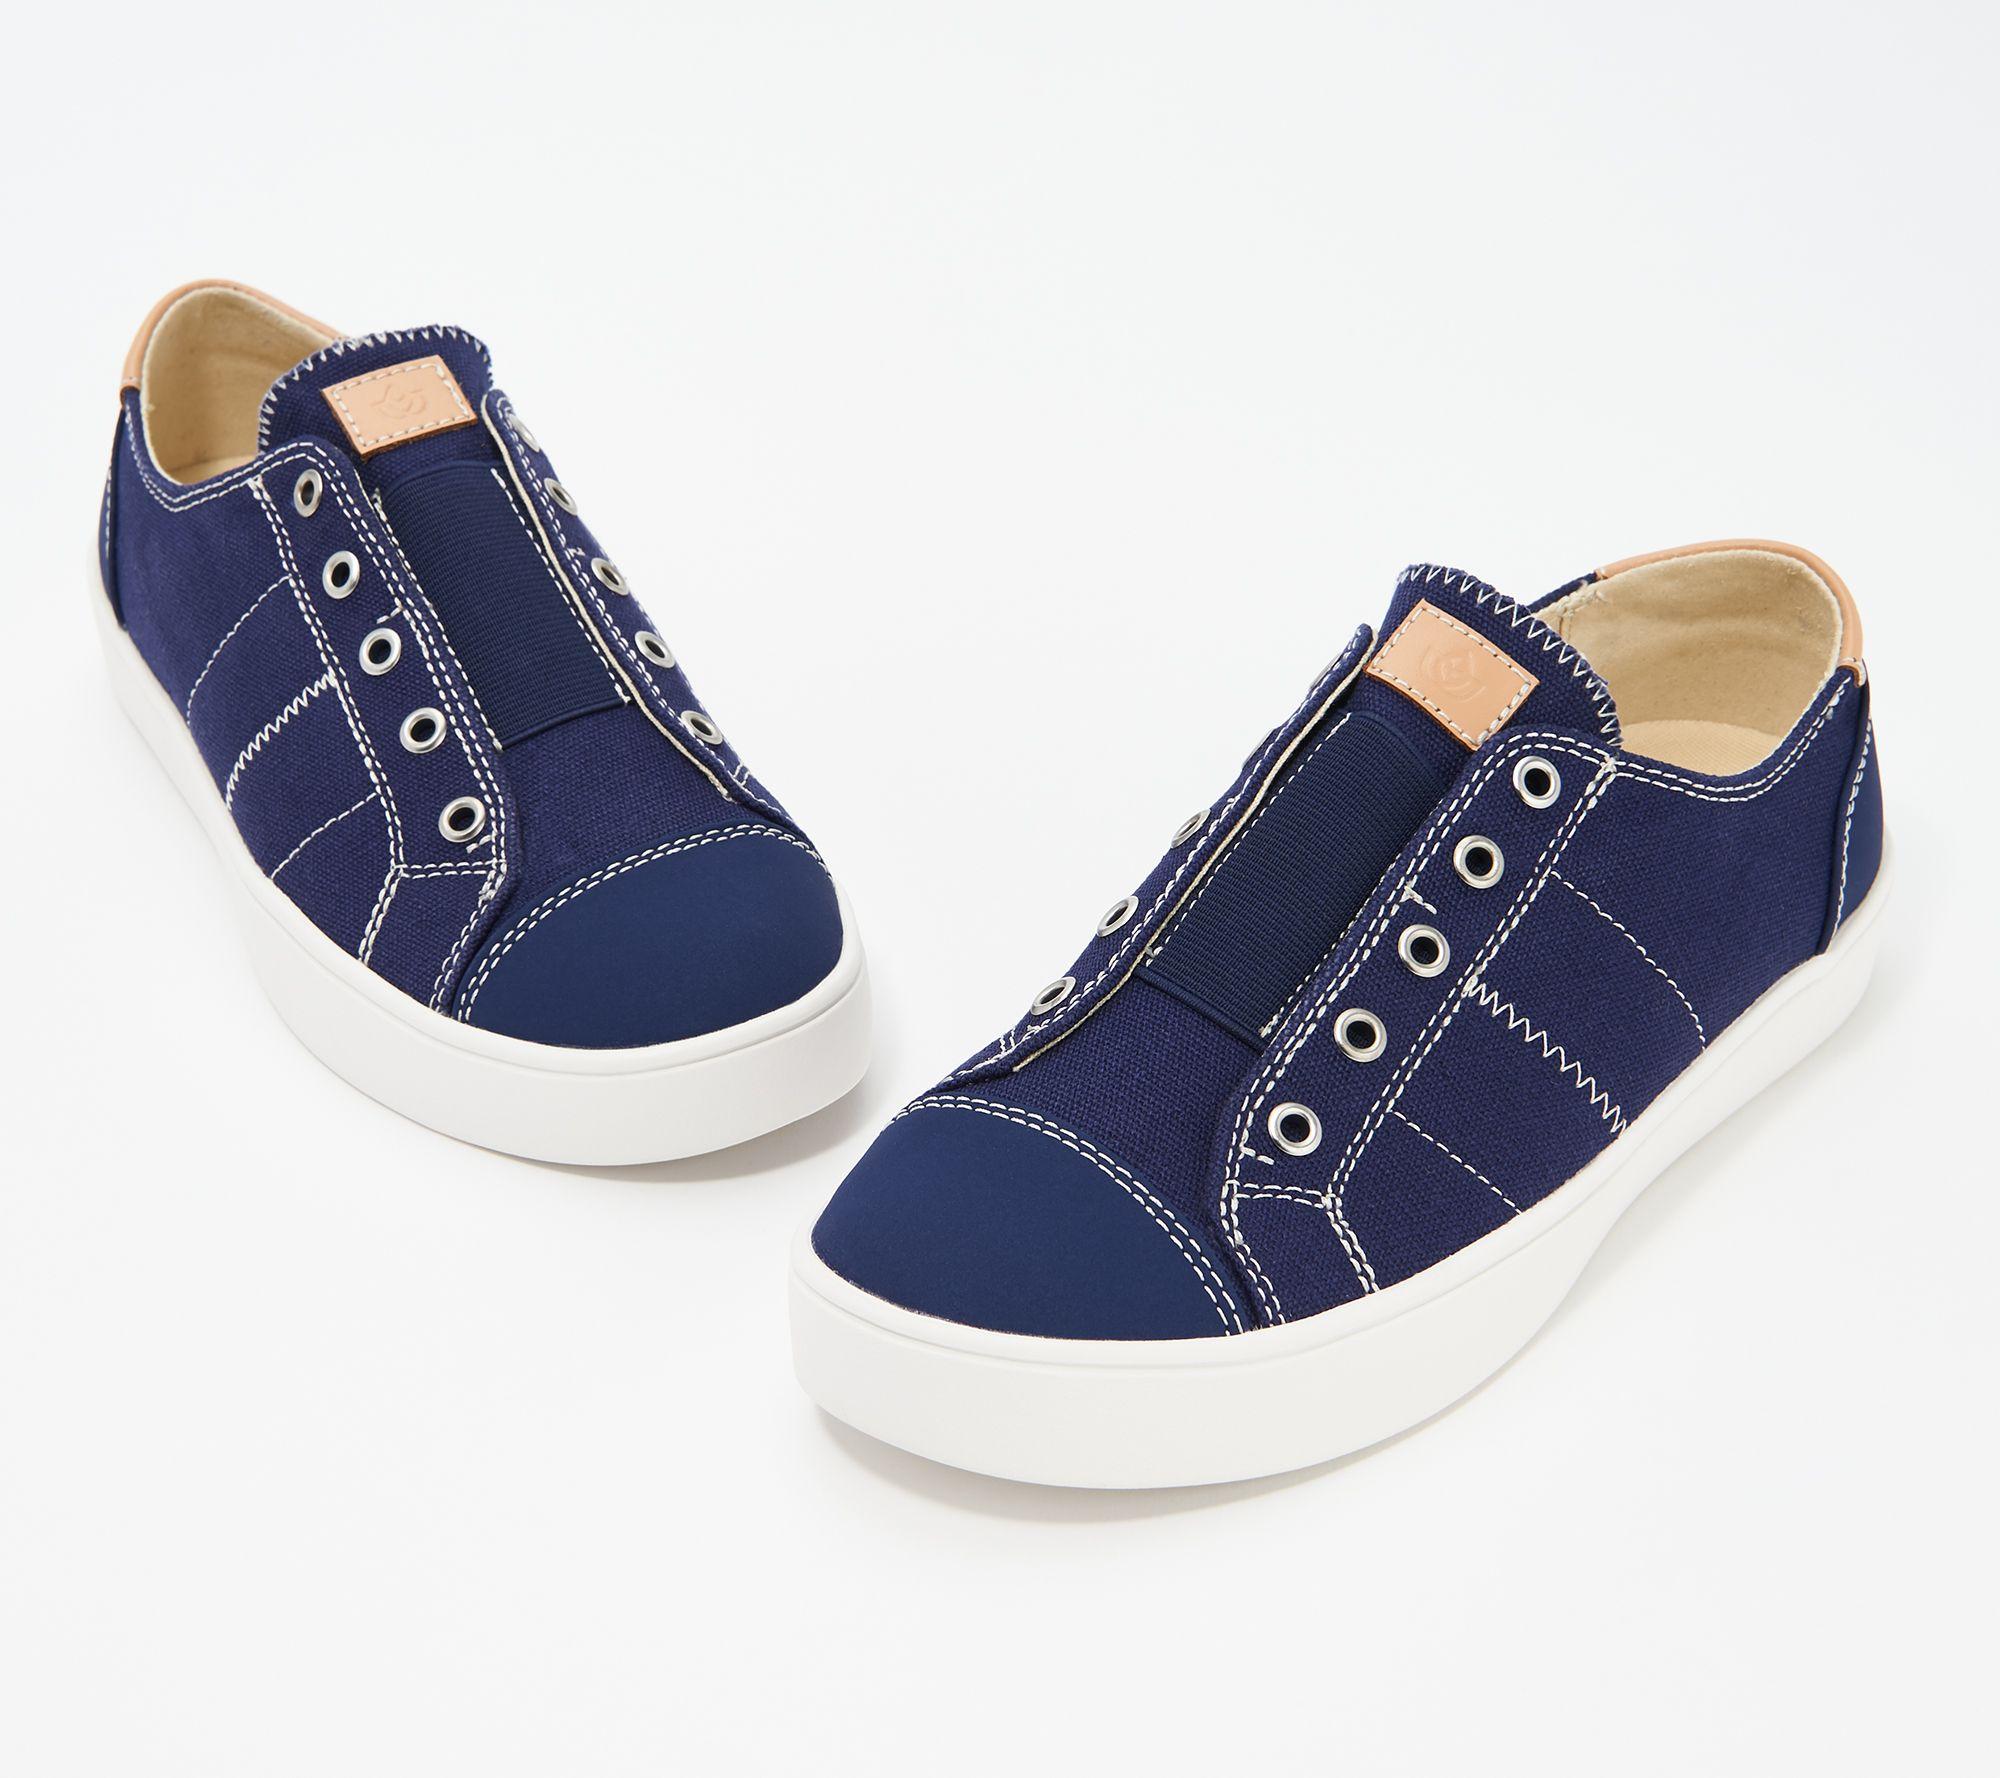 eae2ffb300 Spenco Orthotic Canvas Slip-On Shoes - Malibu - Page 1 — QVC.com